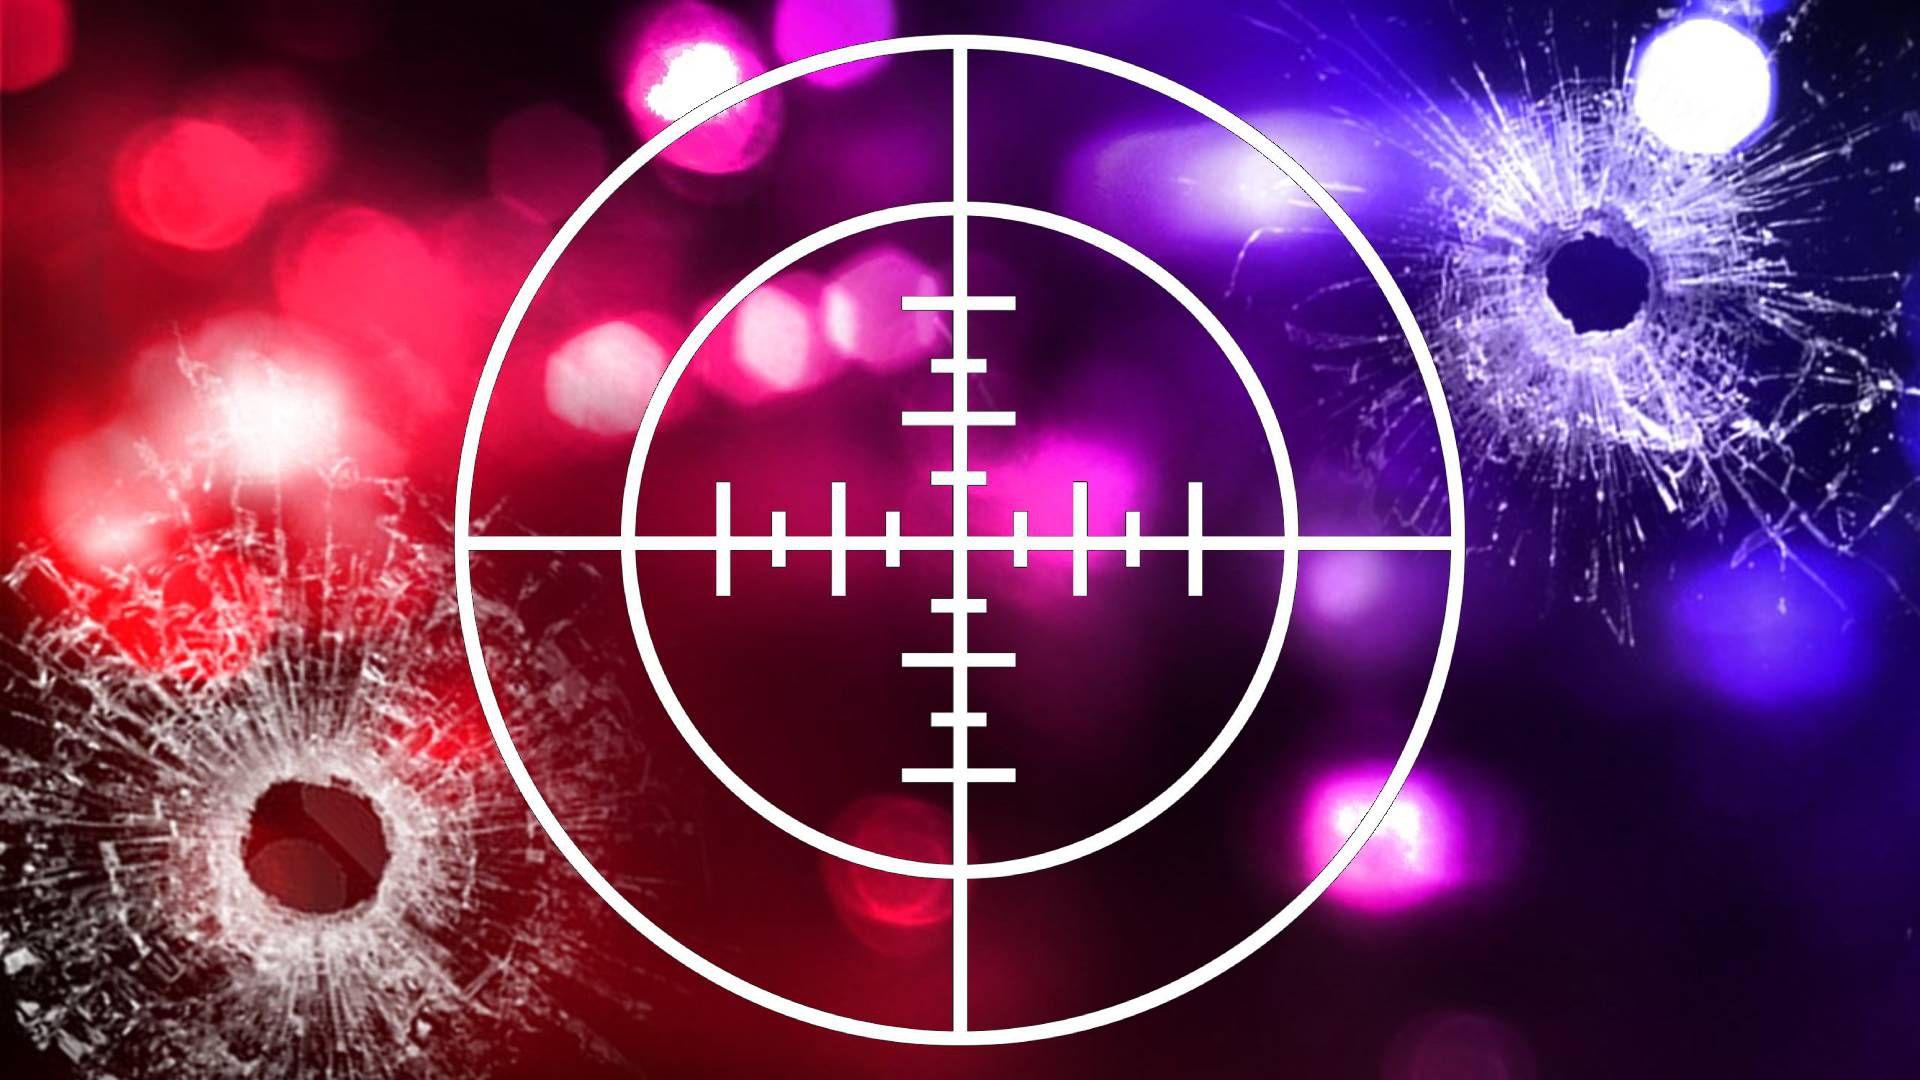 血腥独立日:全美发生500多起枪击案致233人死亡!